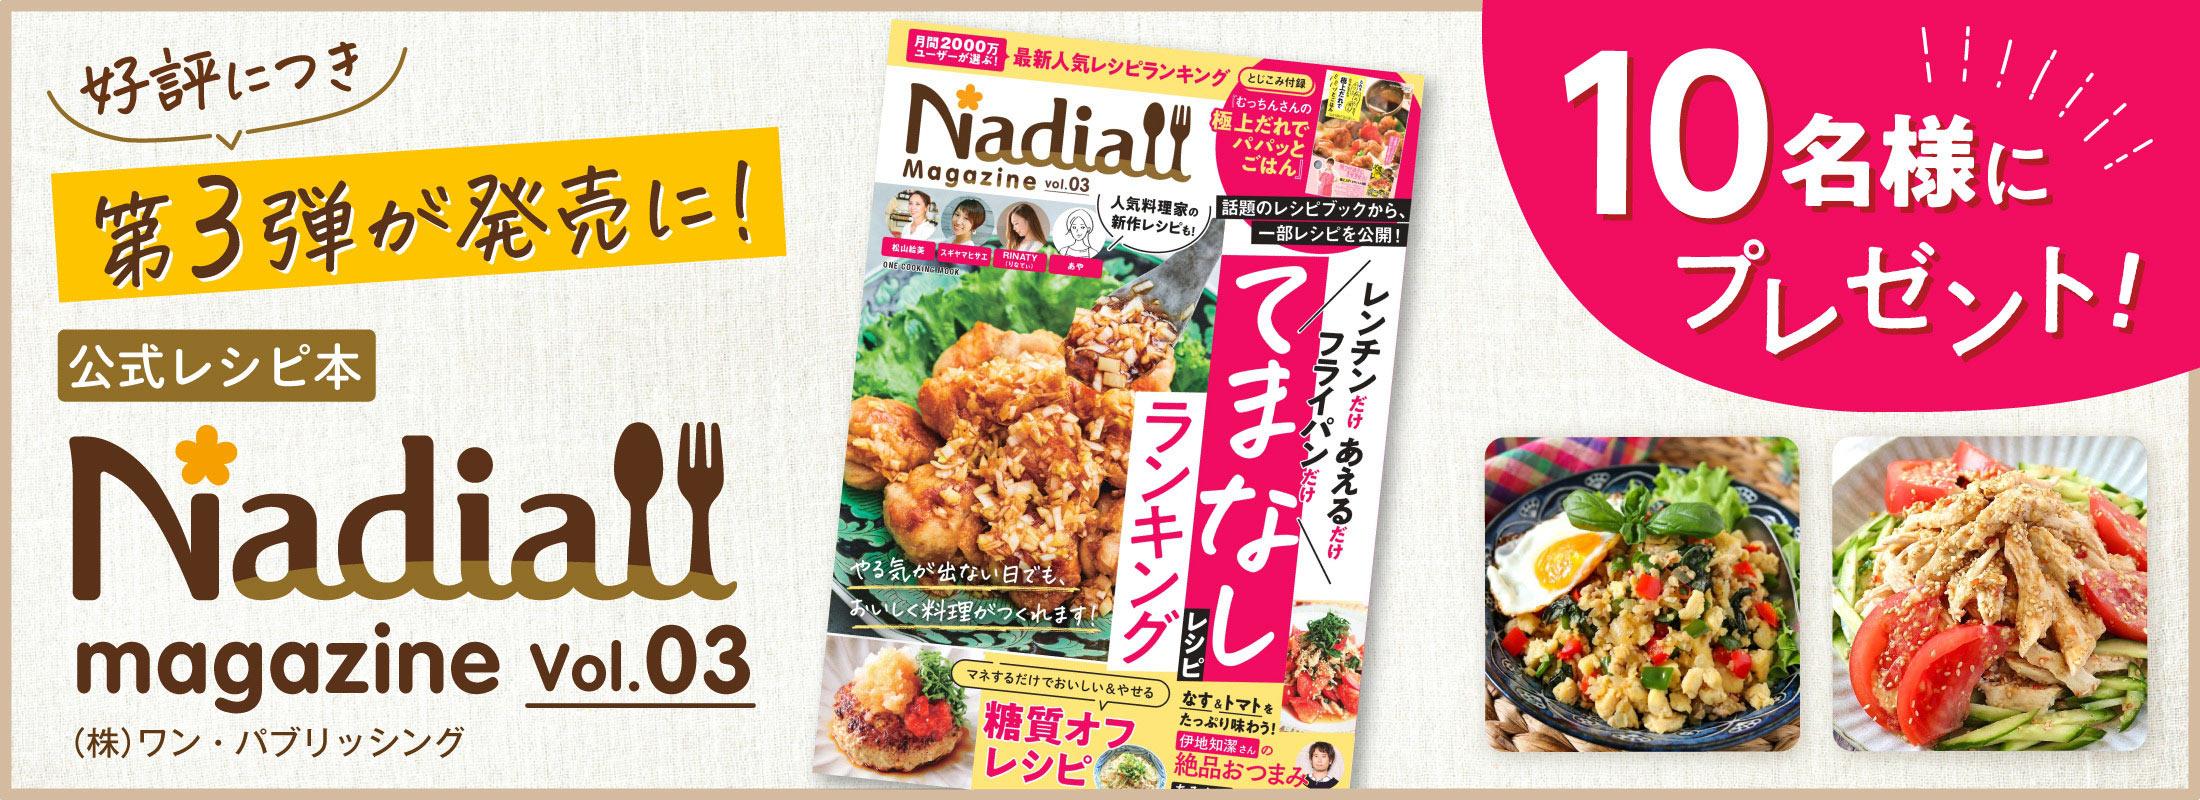 公式レシピ本 好評につき第3弾が発売に!『Nadia magazine Vol.03』(株)ワン・パブリッシング 10名様にプレゼント!